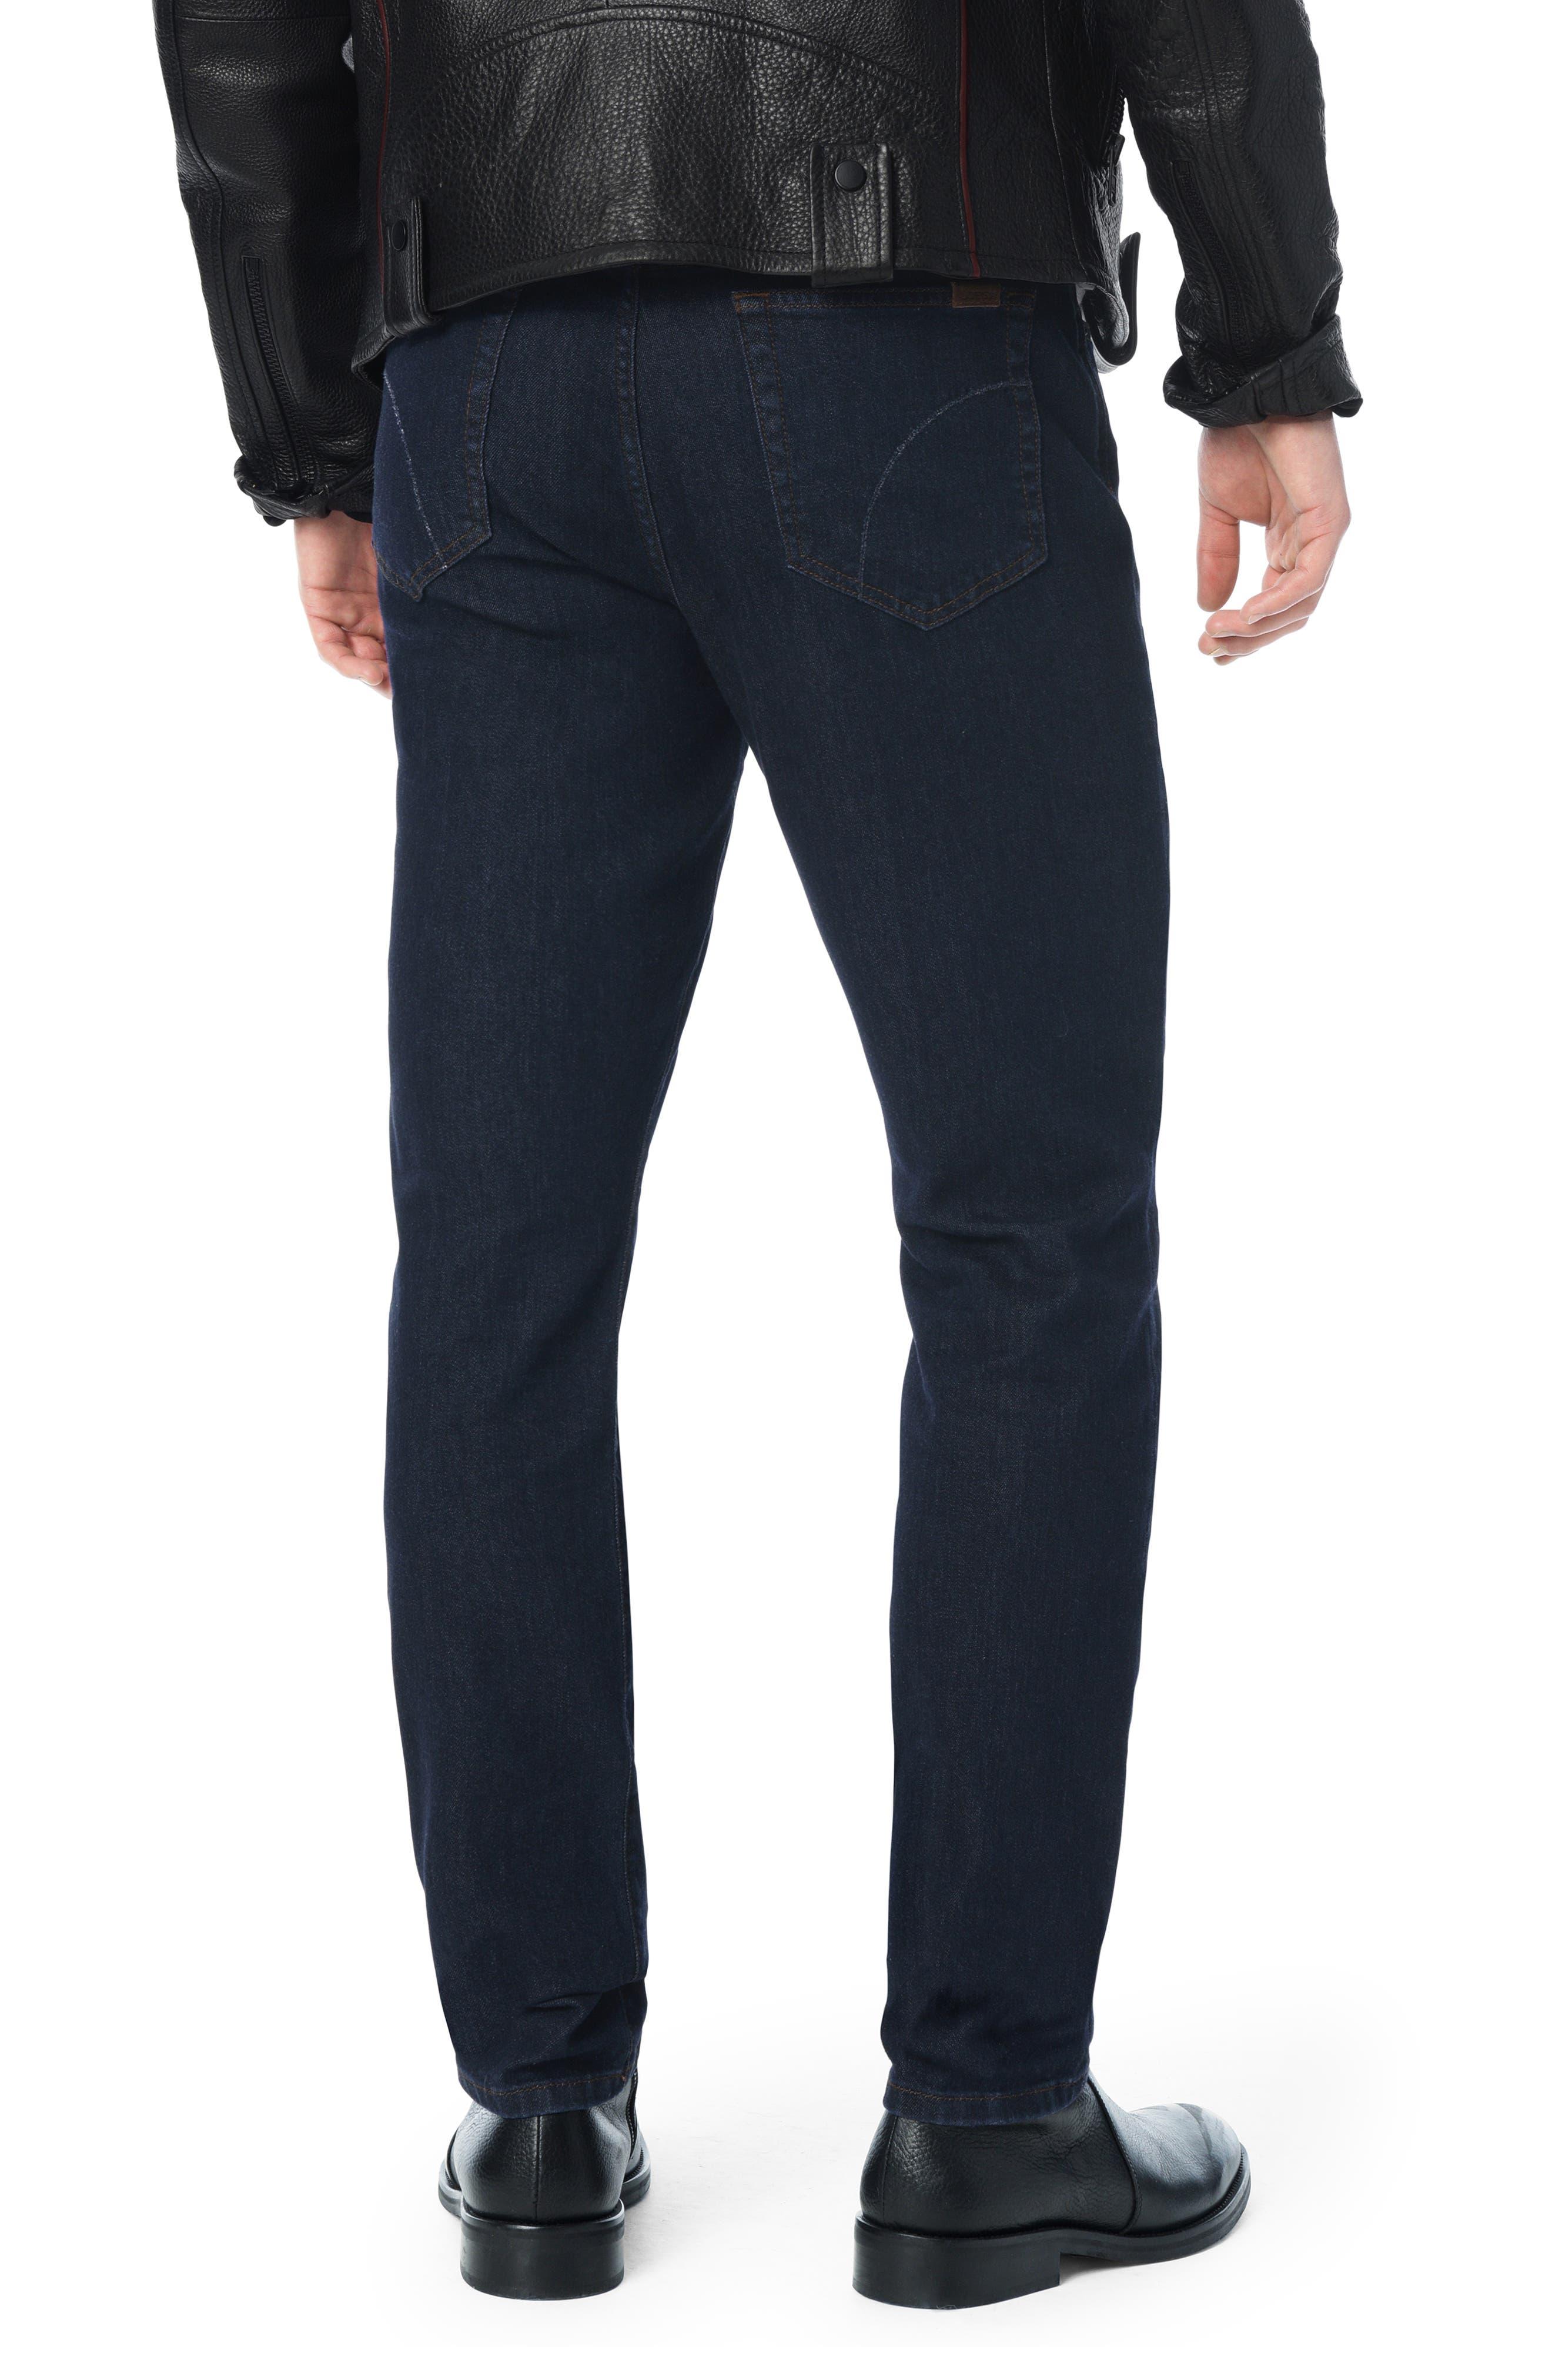 Folsom Slim Leg Jeans,                             Alternate thumbnail 2, color,                             401